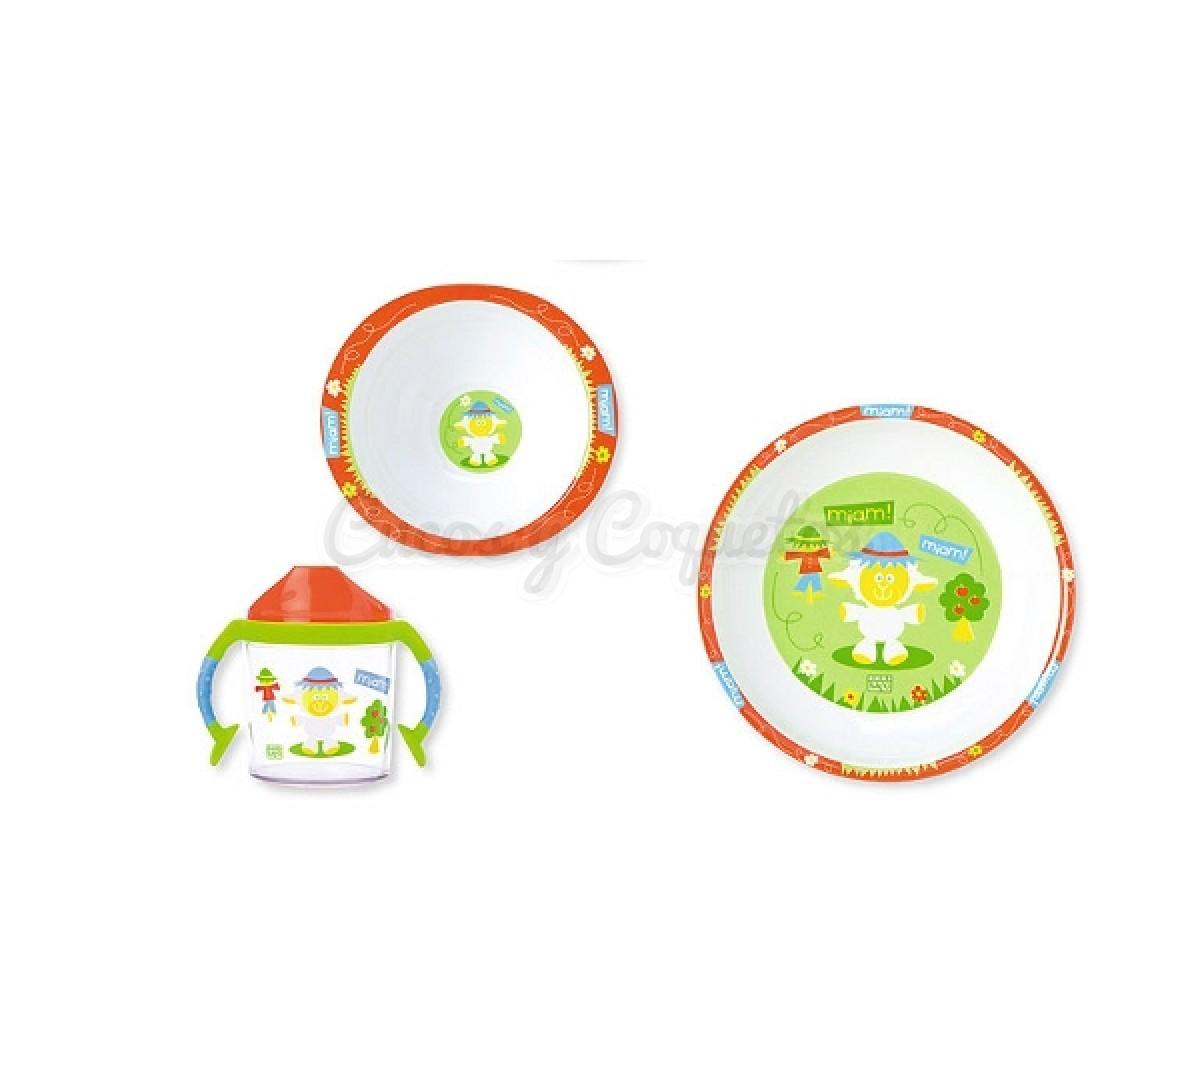 Vajilla 3 piezas roja regalos para beb s canastillas for Vajillas bebe personalizadas